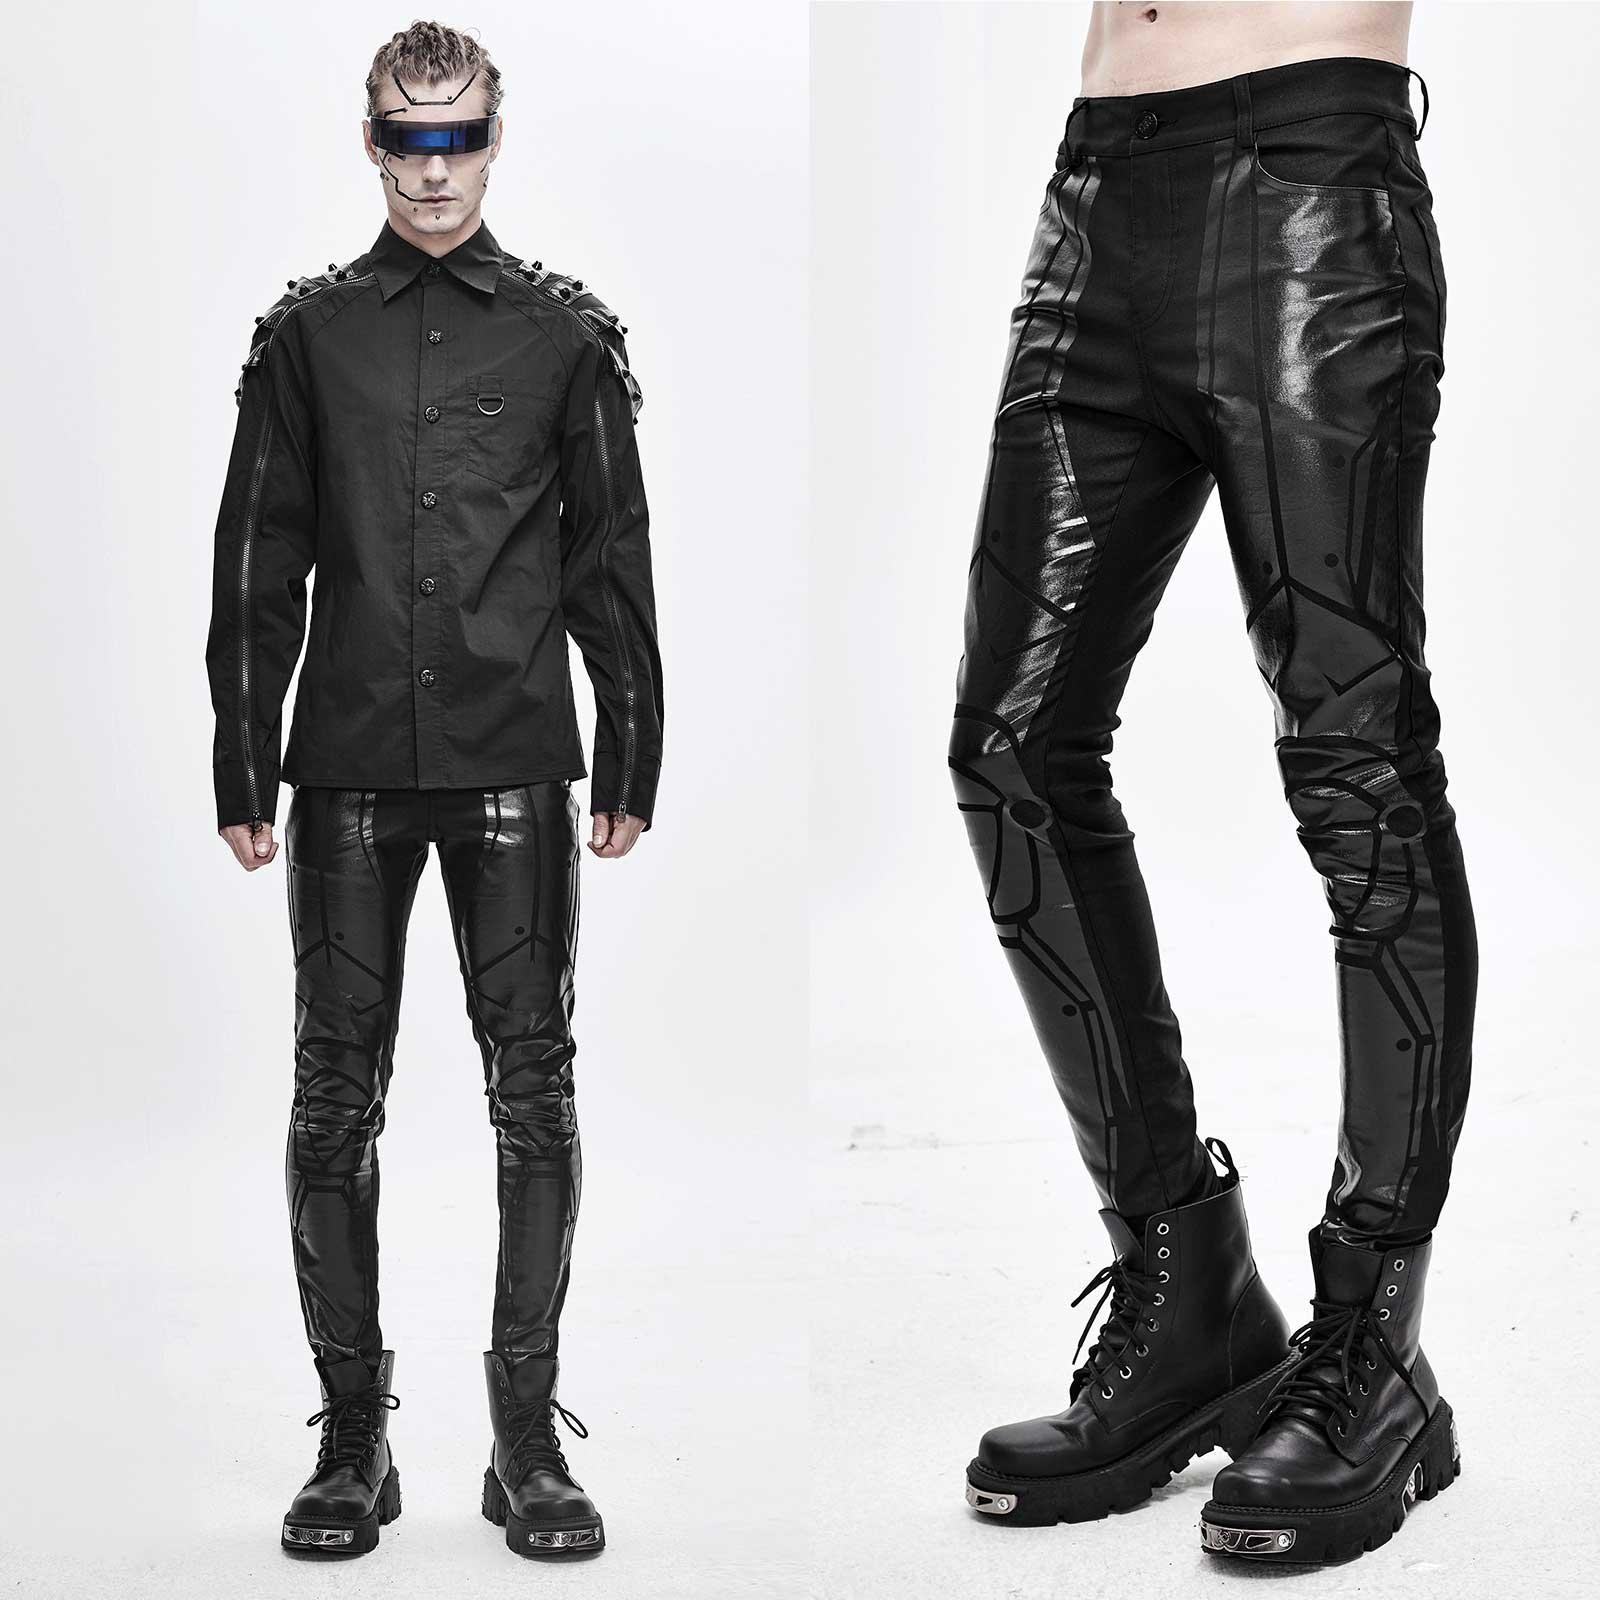 DEVIL FASHION Cyberpunk Pants